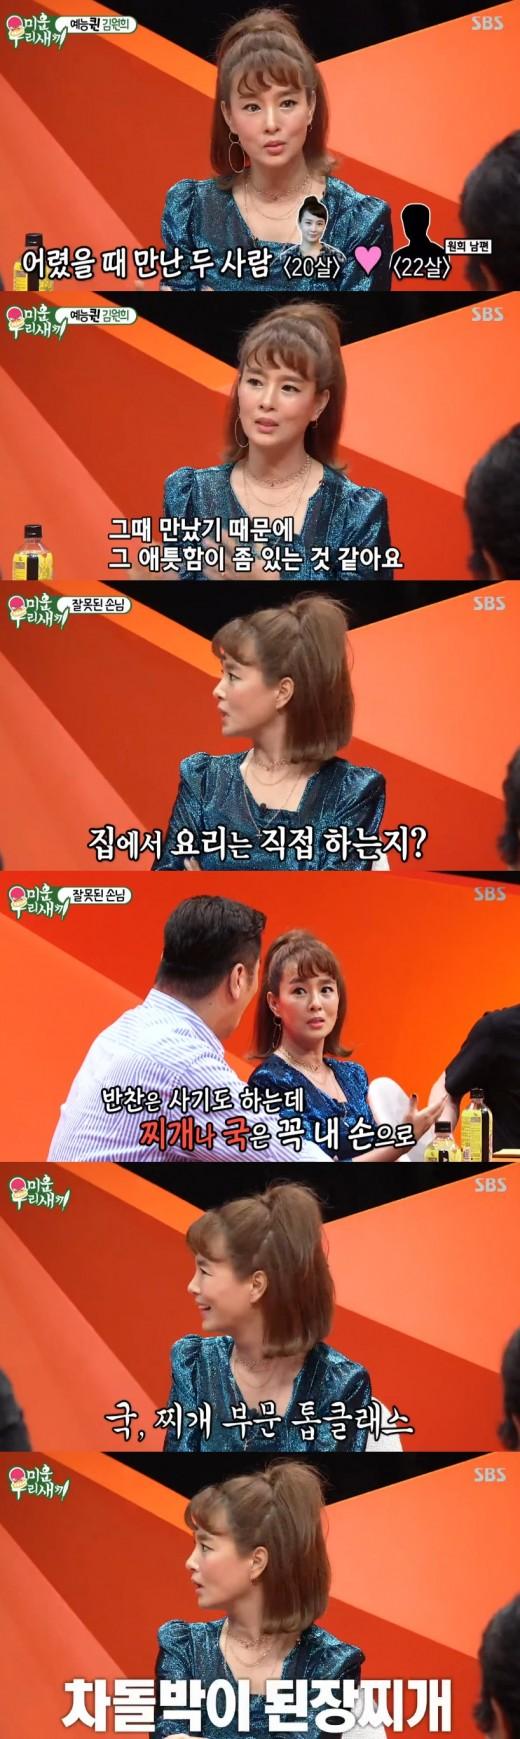 '미우새' 김원희 14년 결혼생활→탁재훈 제주라이프→임원희 국회입성기 공개